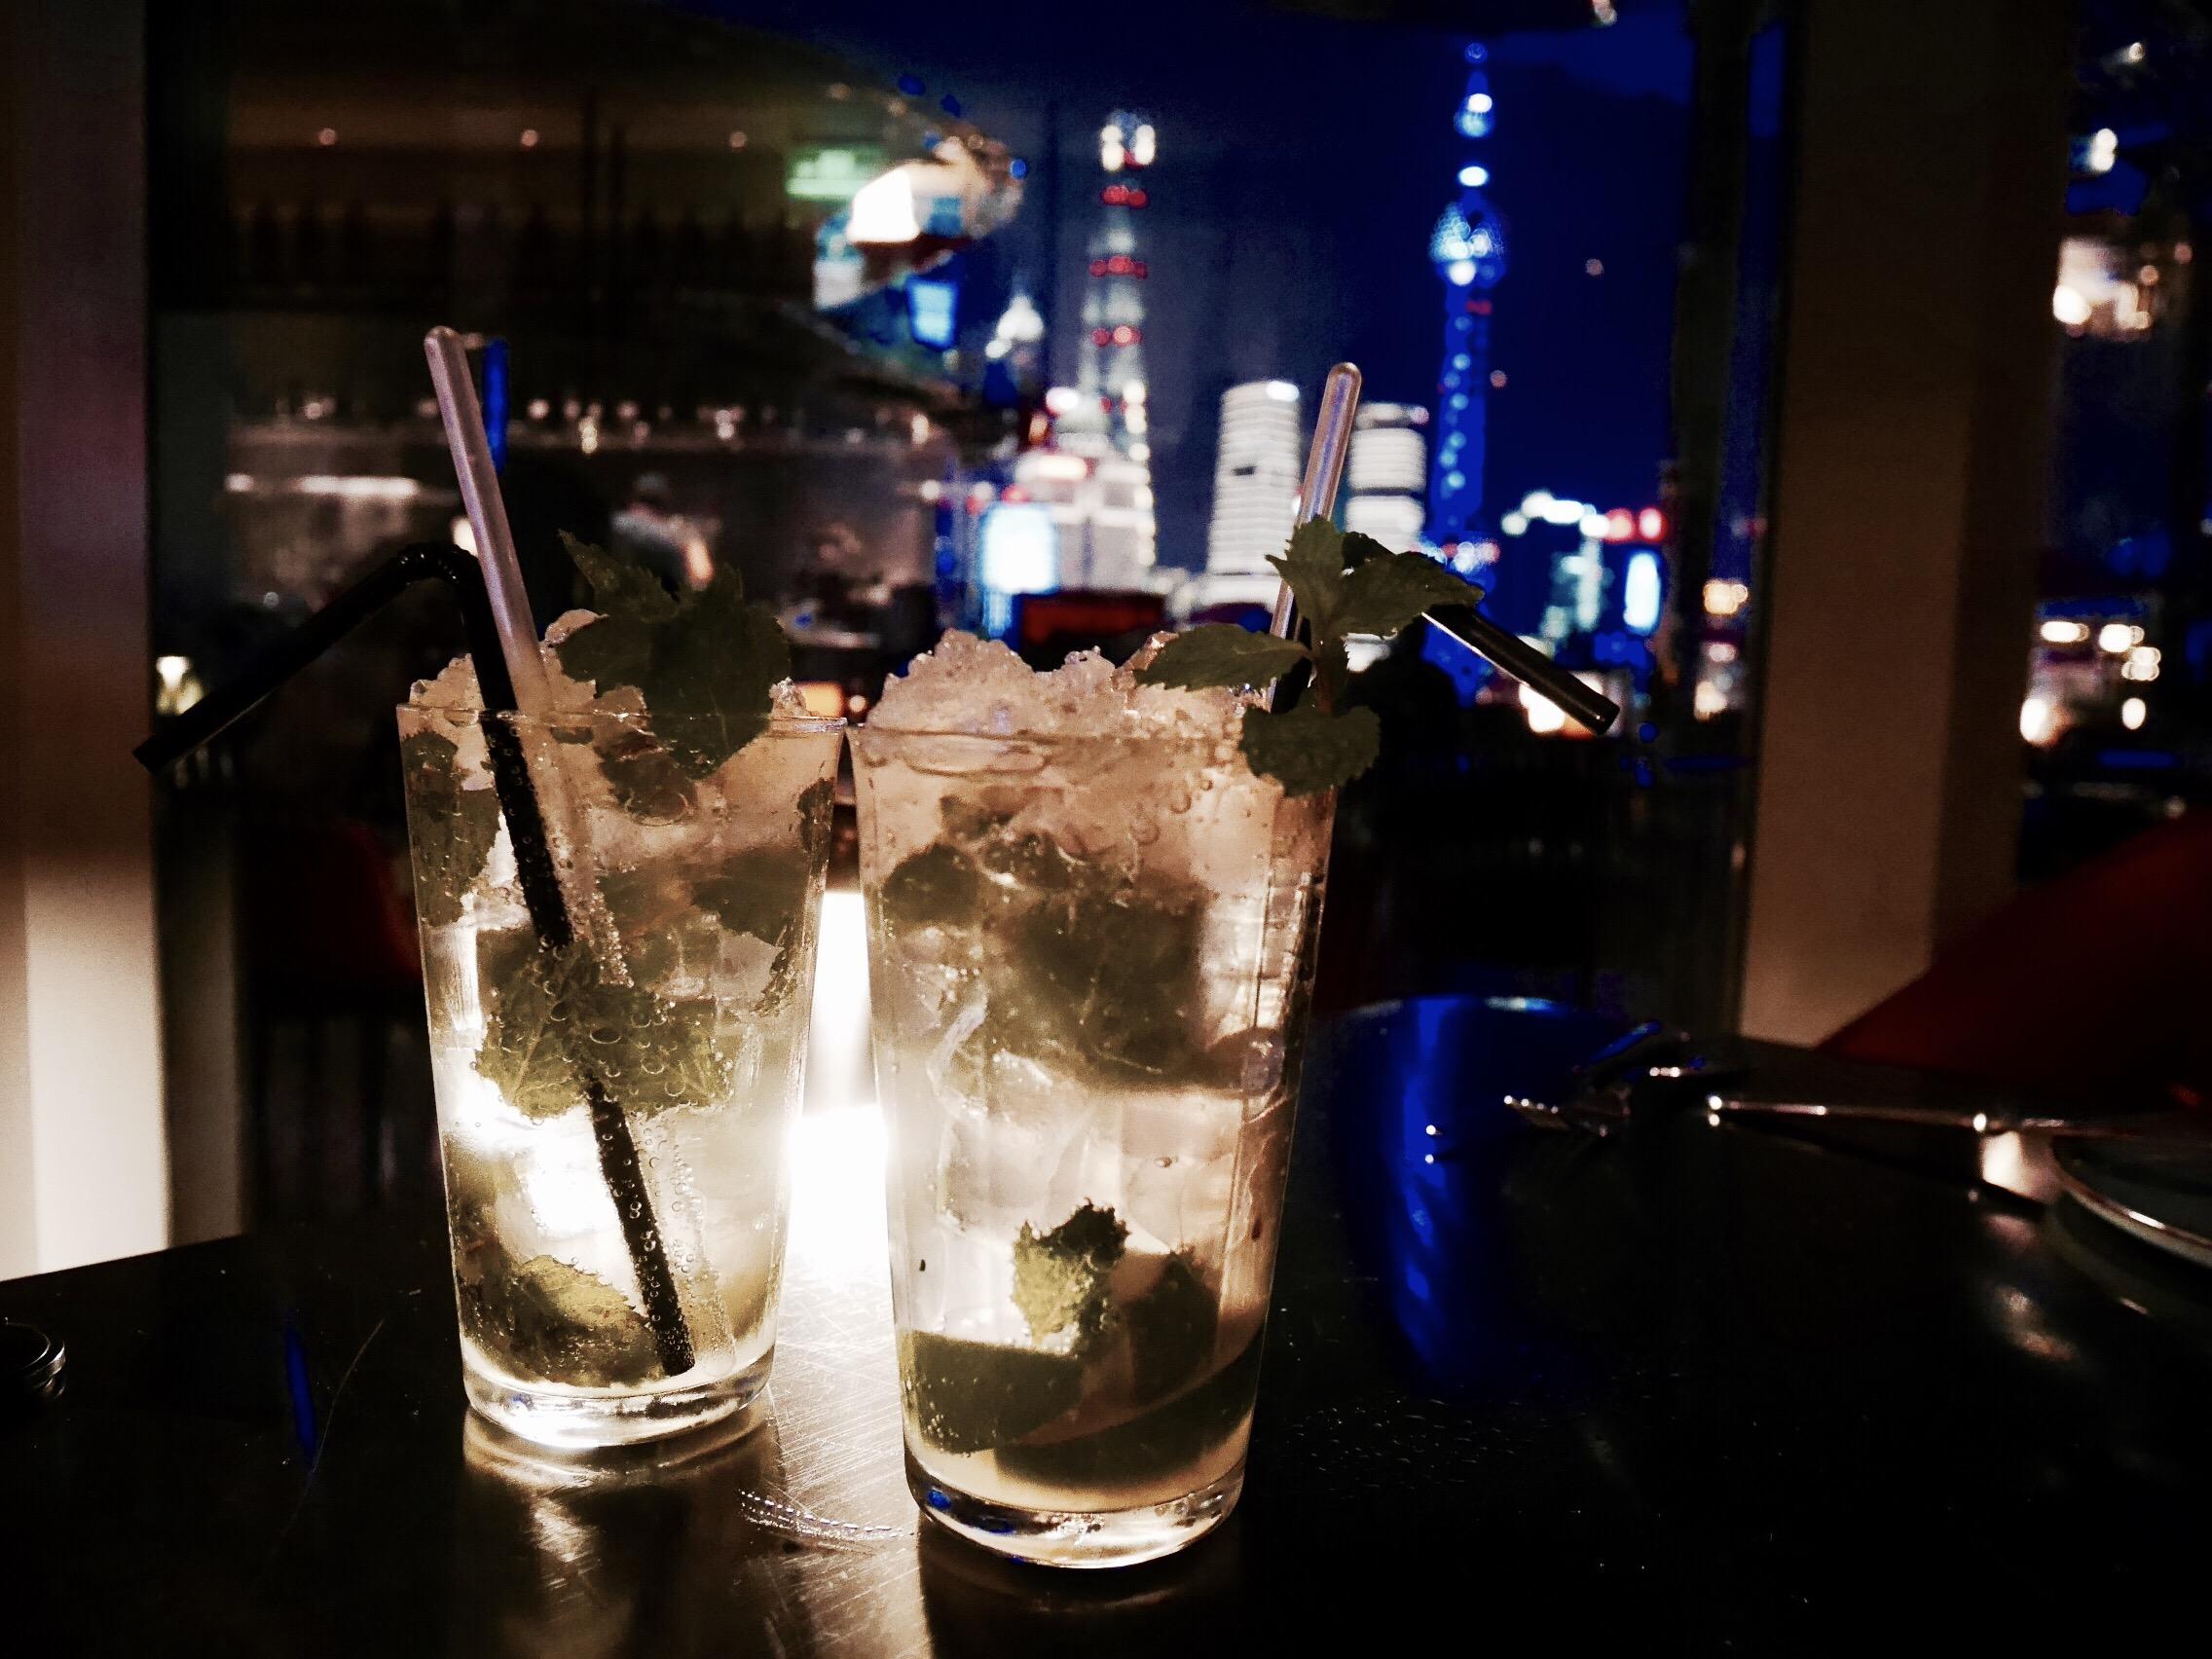 img 6917 - W HOTEL - 上海No.1の景色を楽しむホテル